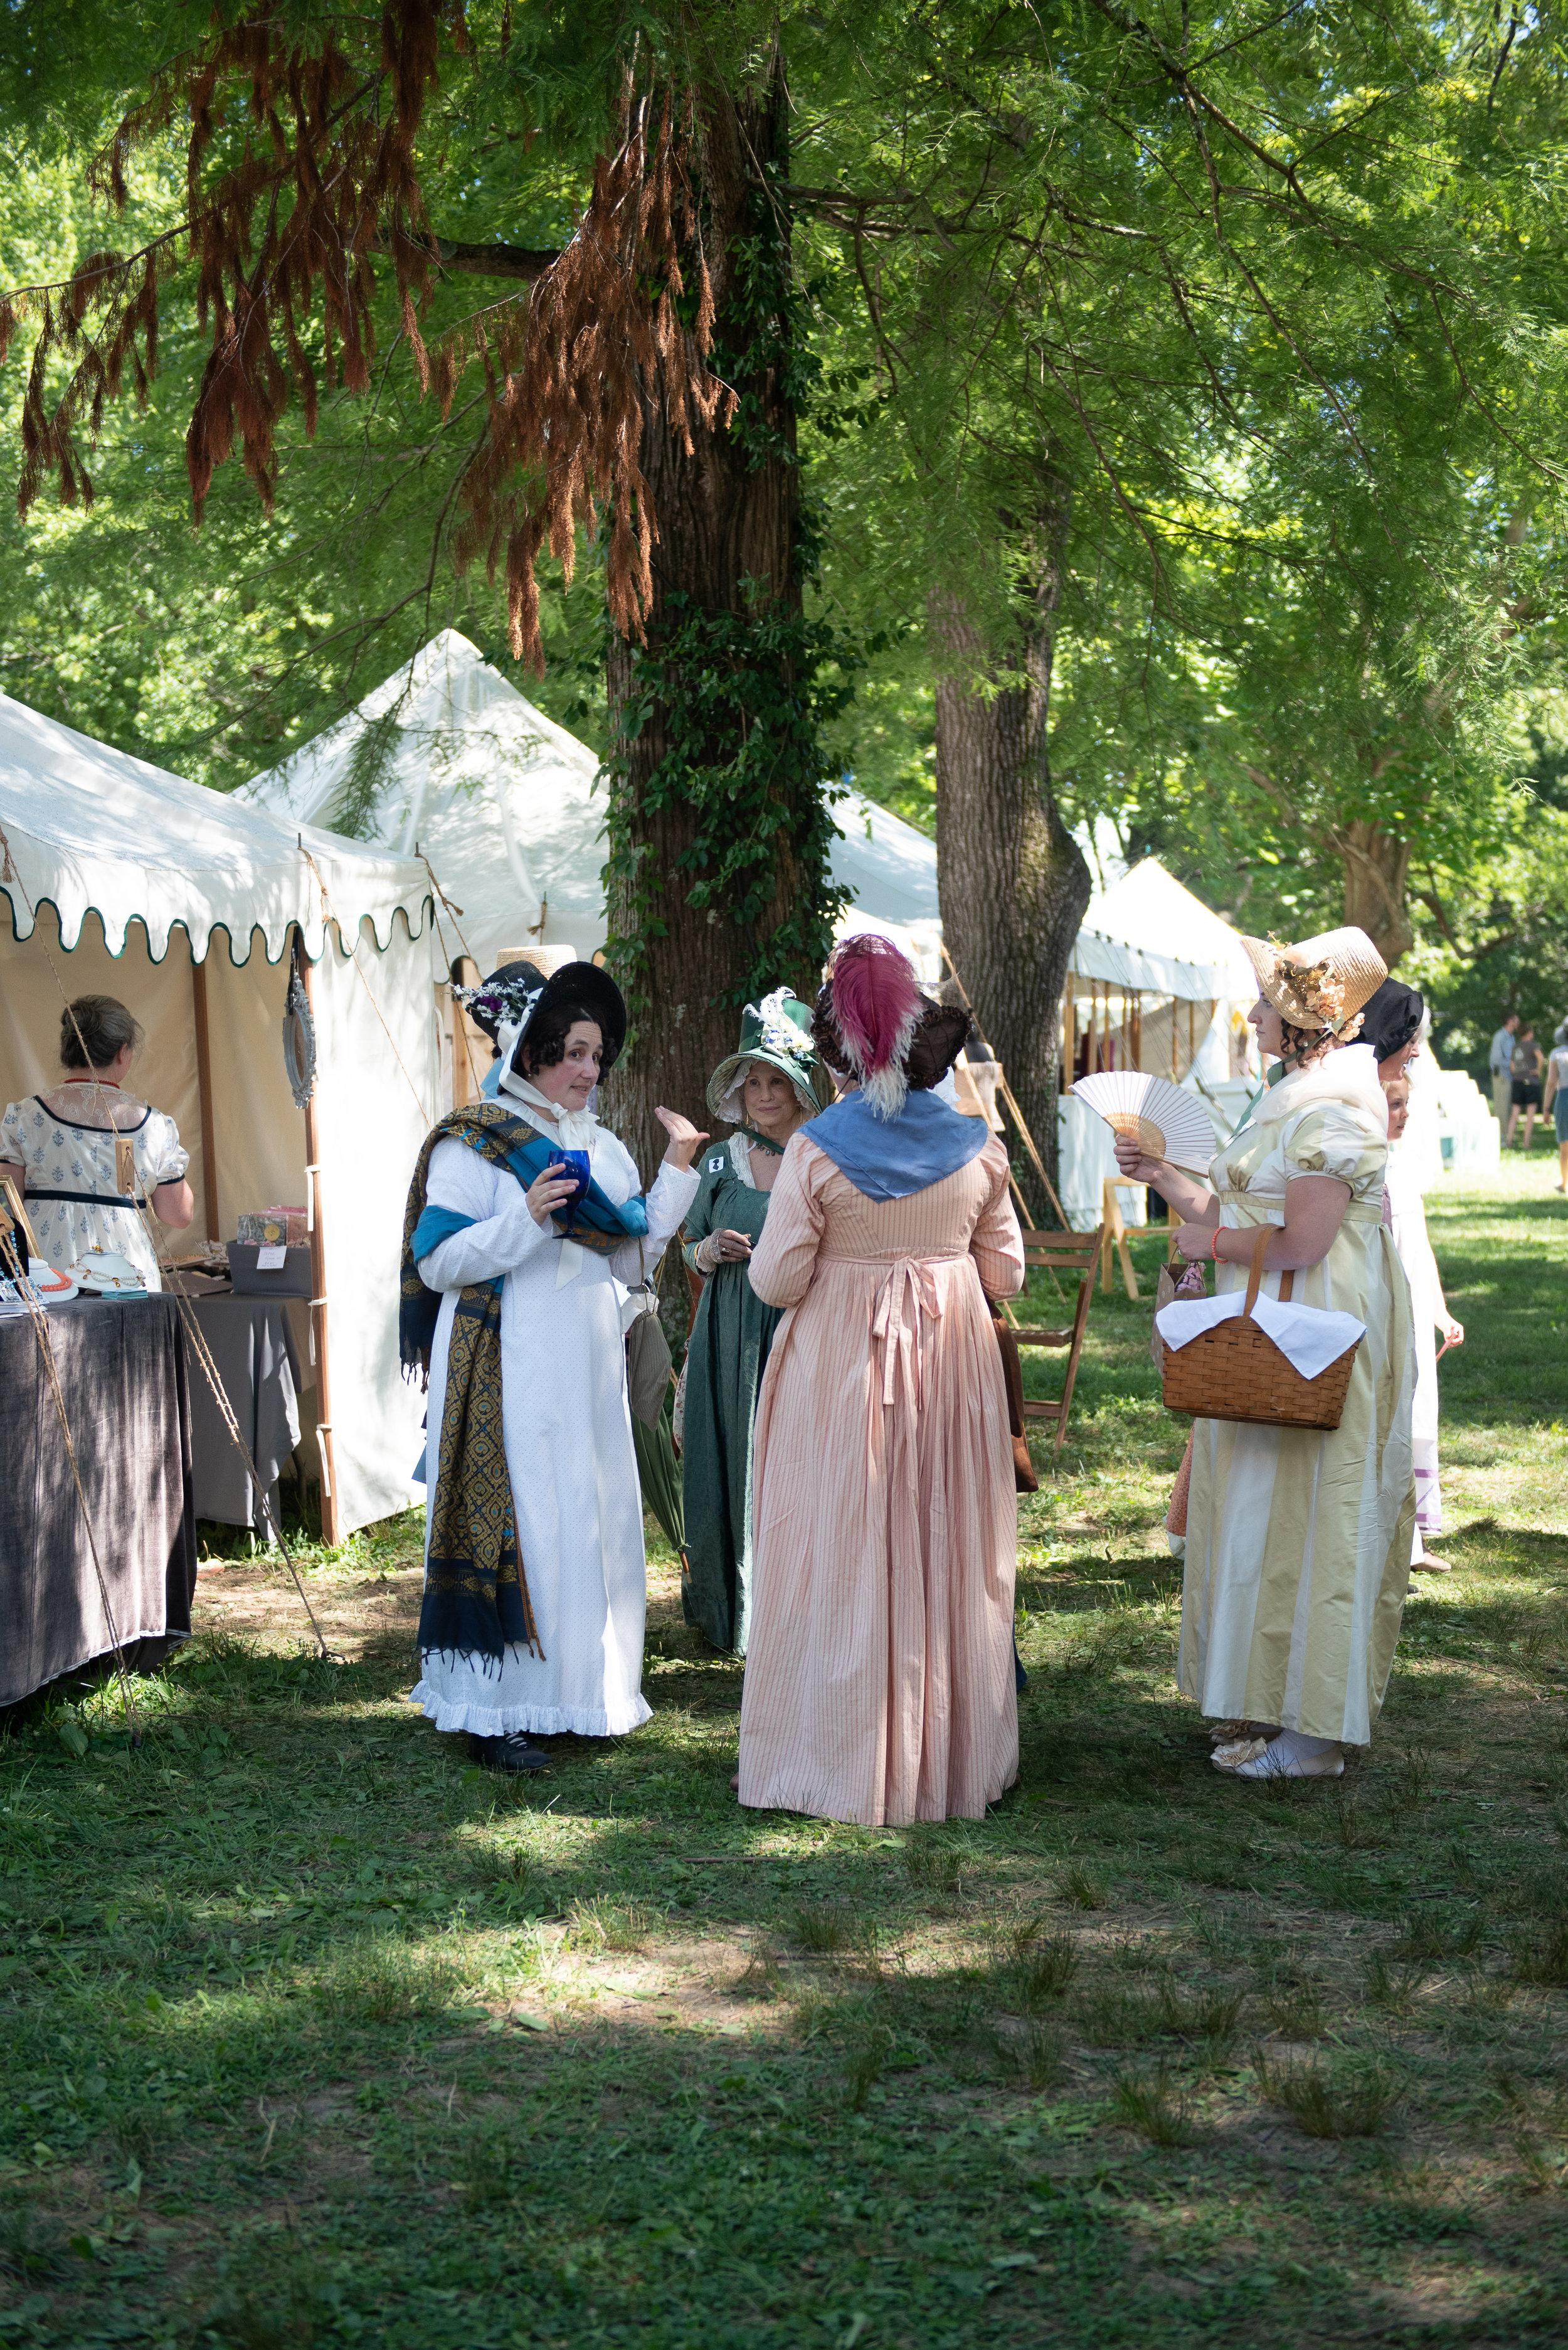 Jane Austen Festival Louisville Kentucky 2019 Regency Federal Dress fashion Bonnet hat